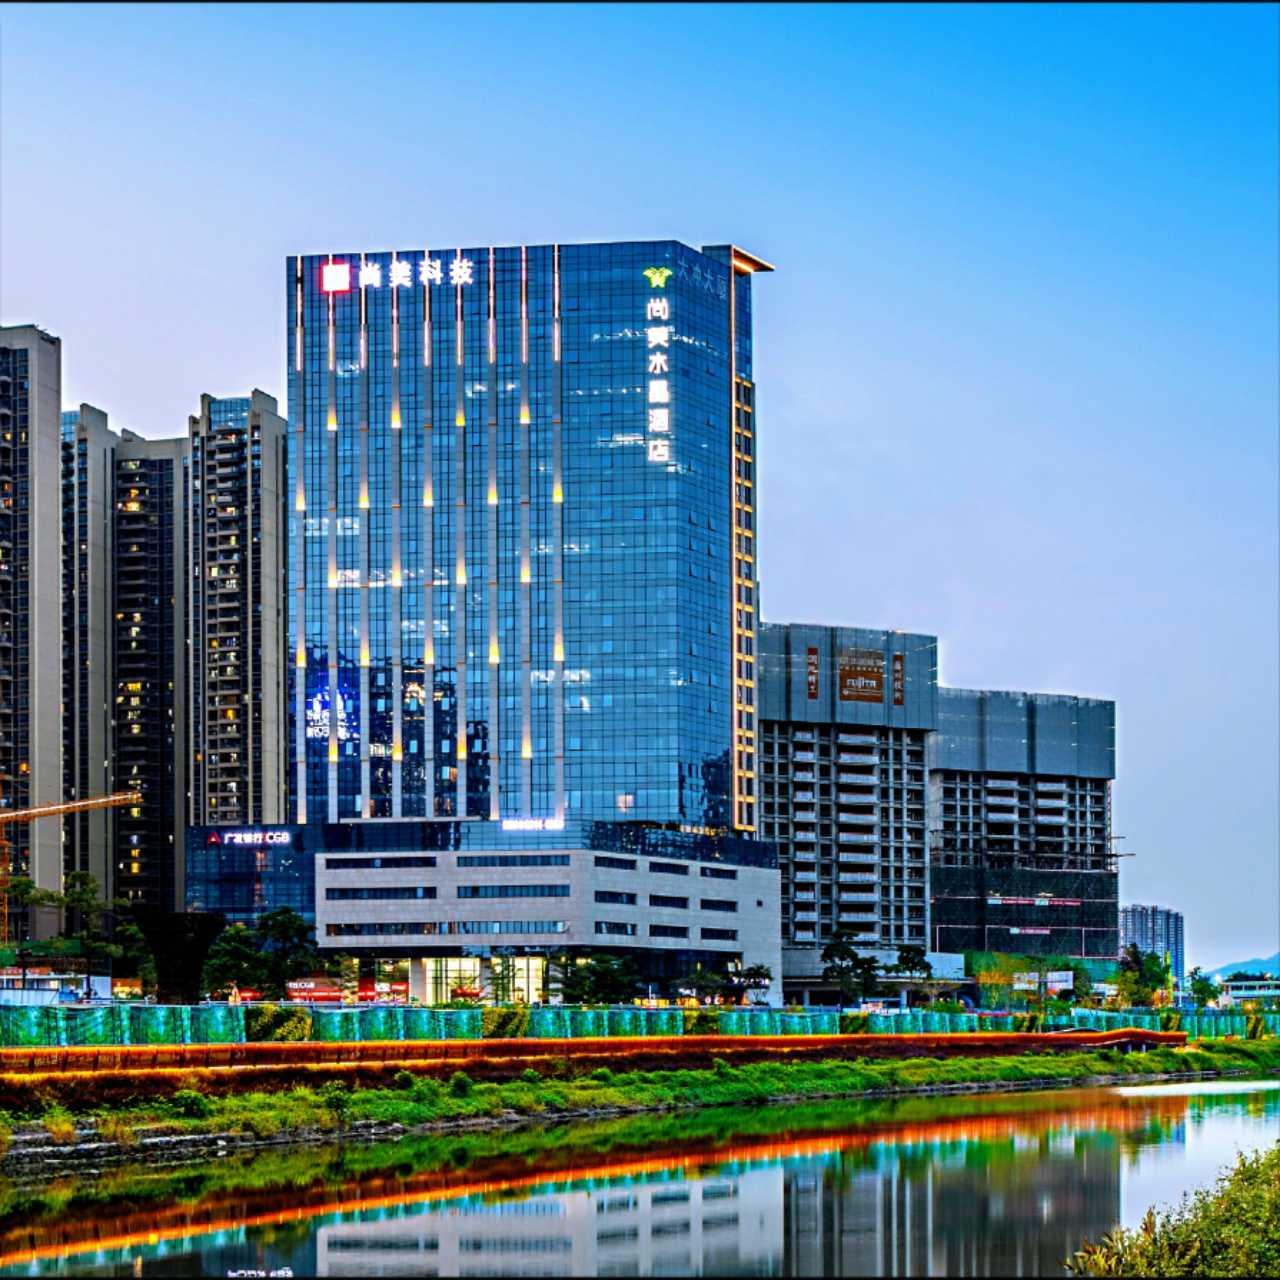 南山 尚美科技大厦 189平 无敌景观 高档精装写字楼出租